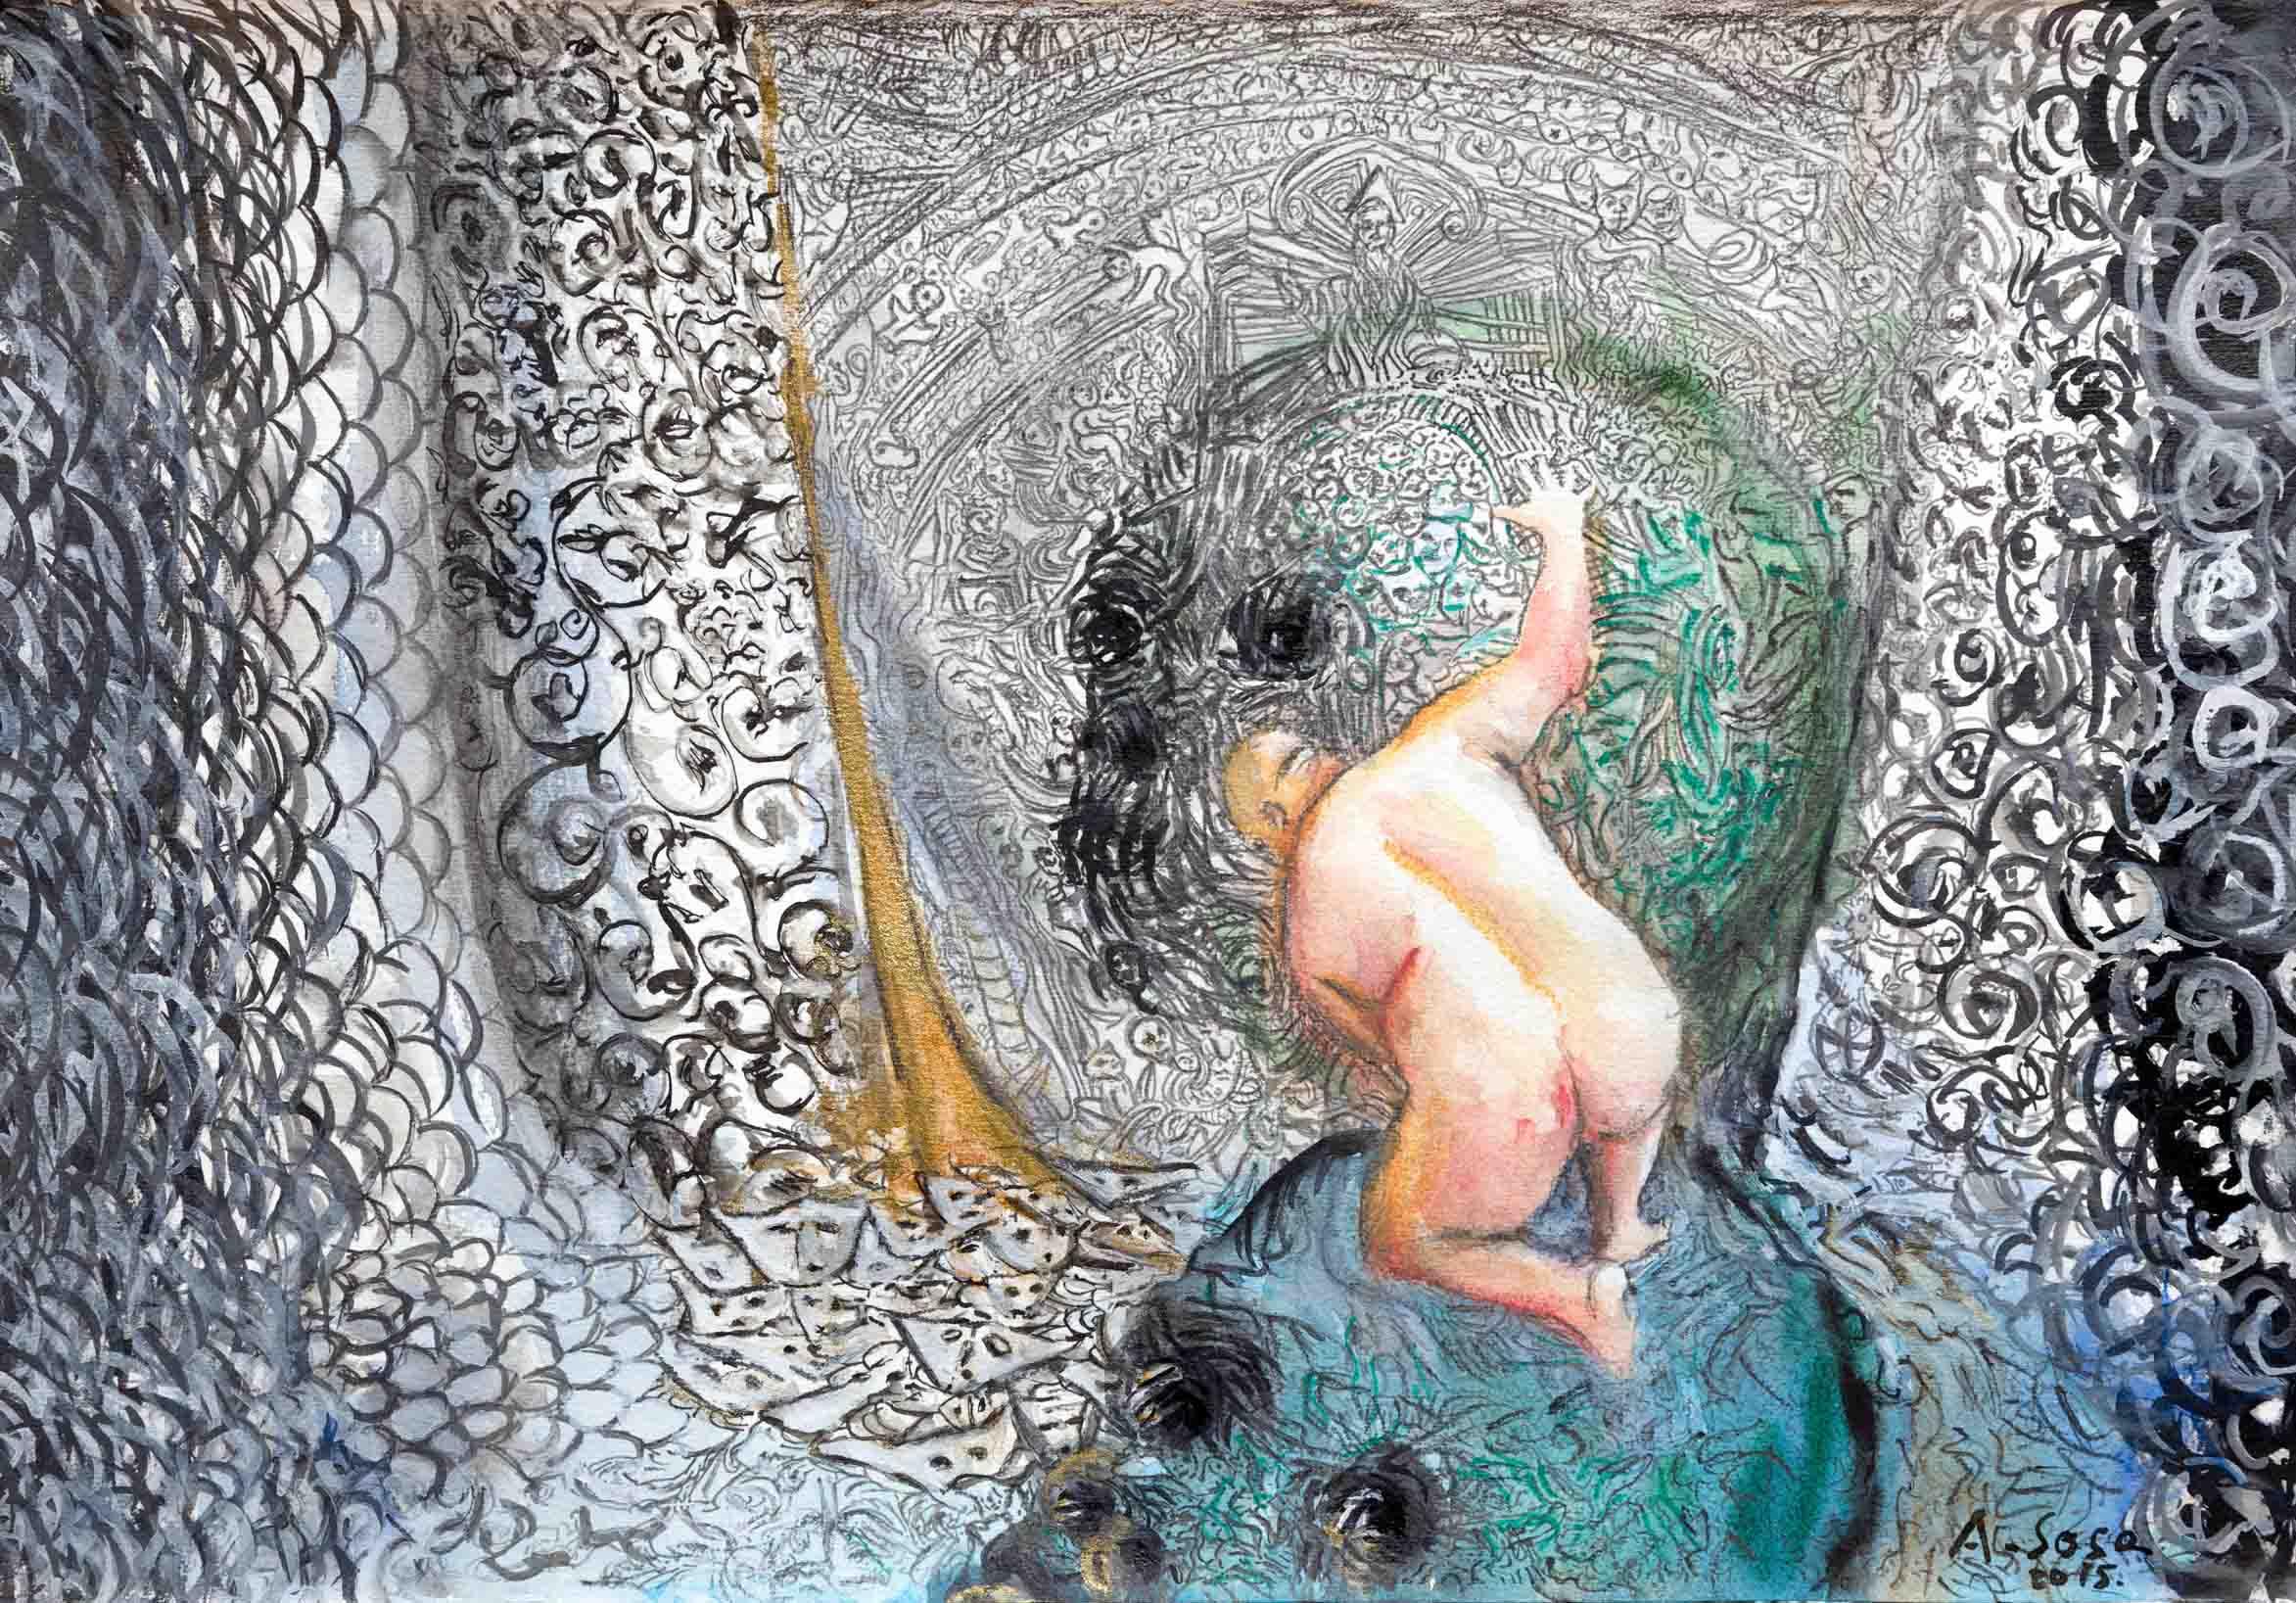 Antonio SOSA. La cueva vertical, 2015. Tinta china y acuarela sobre papel.28 x 38 cm